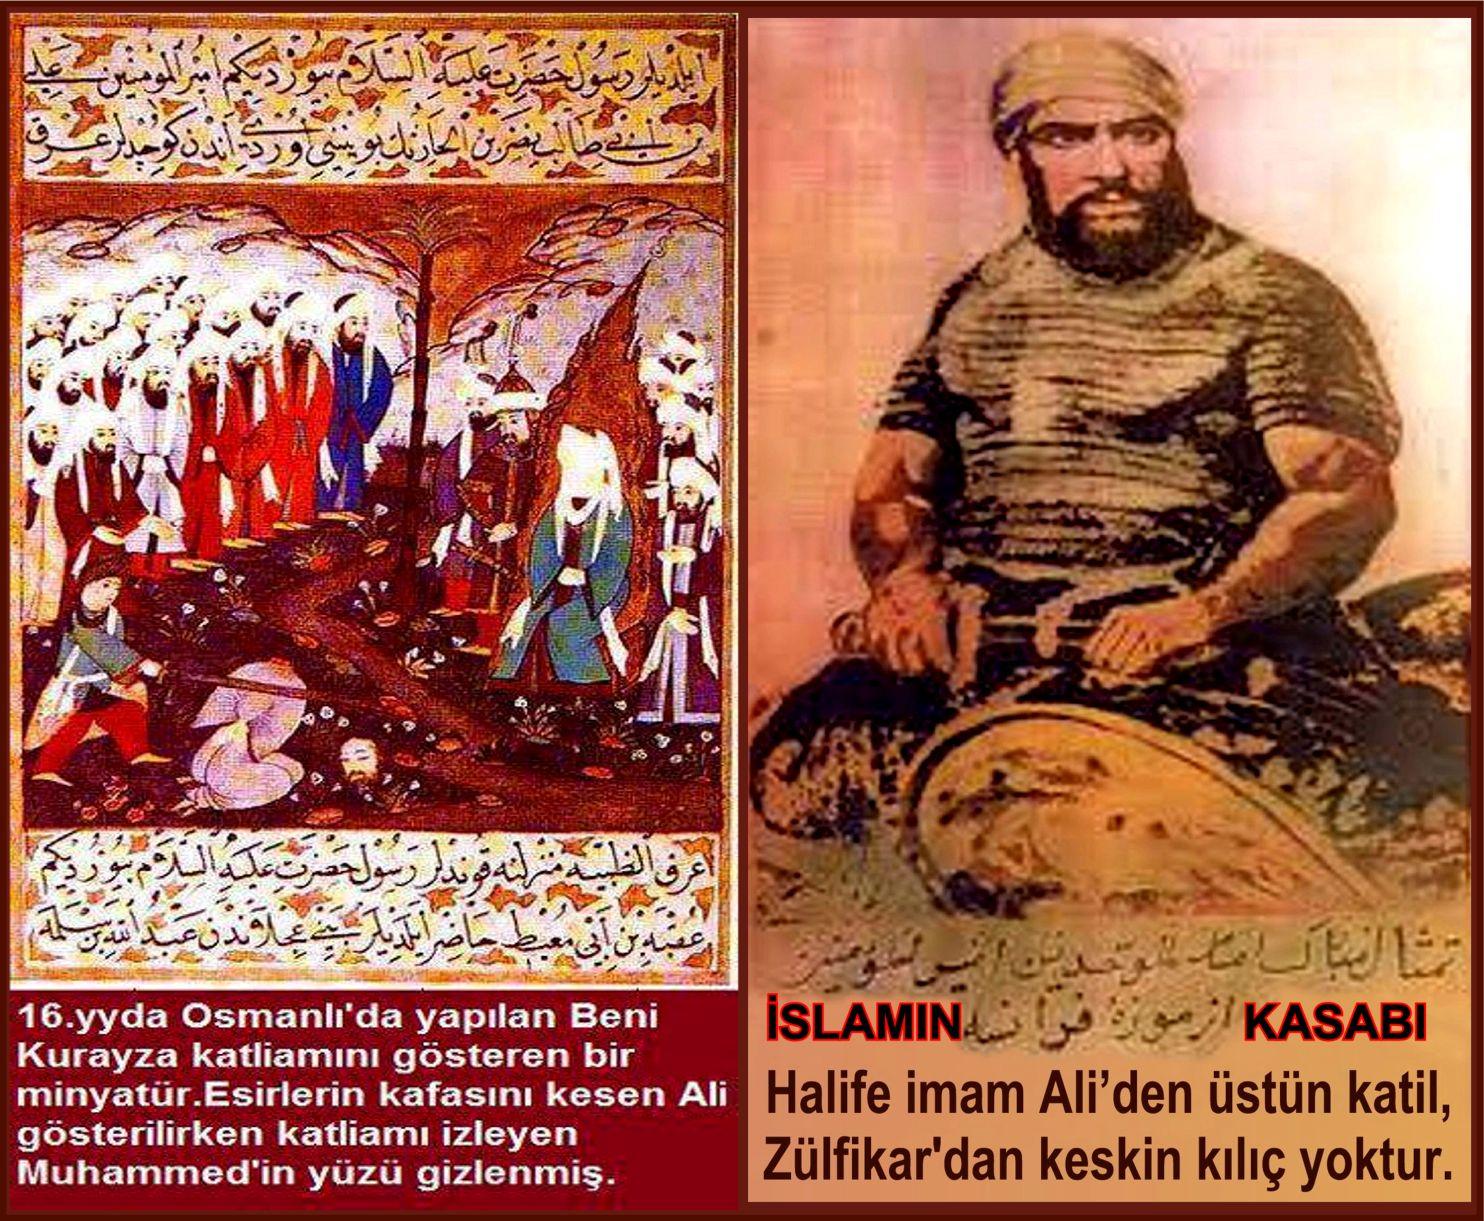 Devrimci Aleviler Birliği DAB Alevi Kızılbaş Bektaşi pir sultan cem hz Ali 12 imam semah Feramuz Şah Acar hz imam ali katiam osmanli allahin kasabi